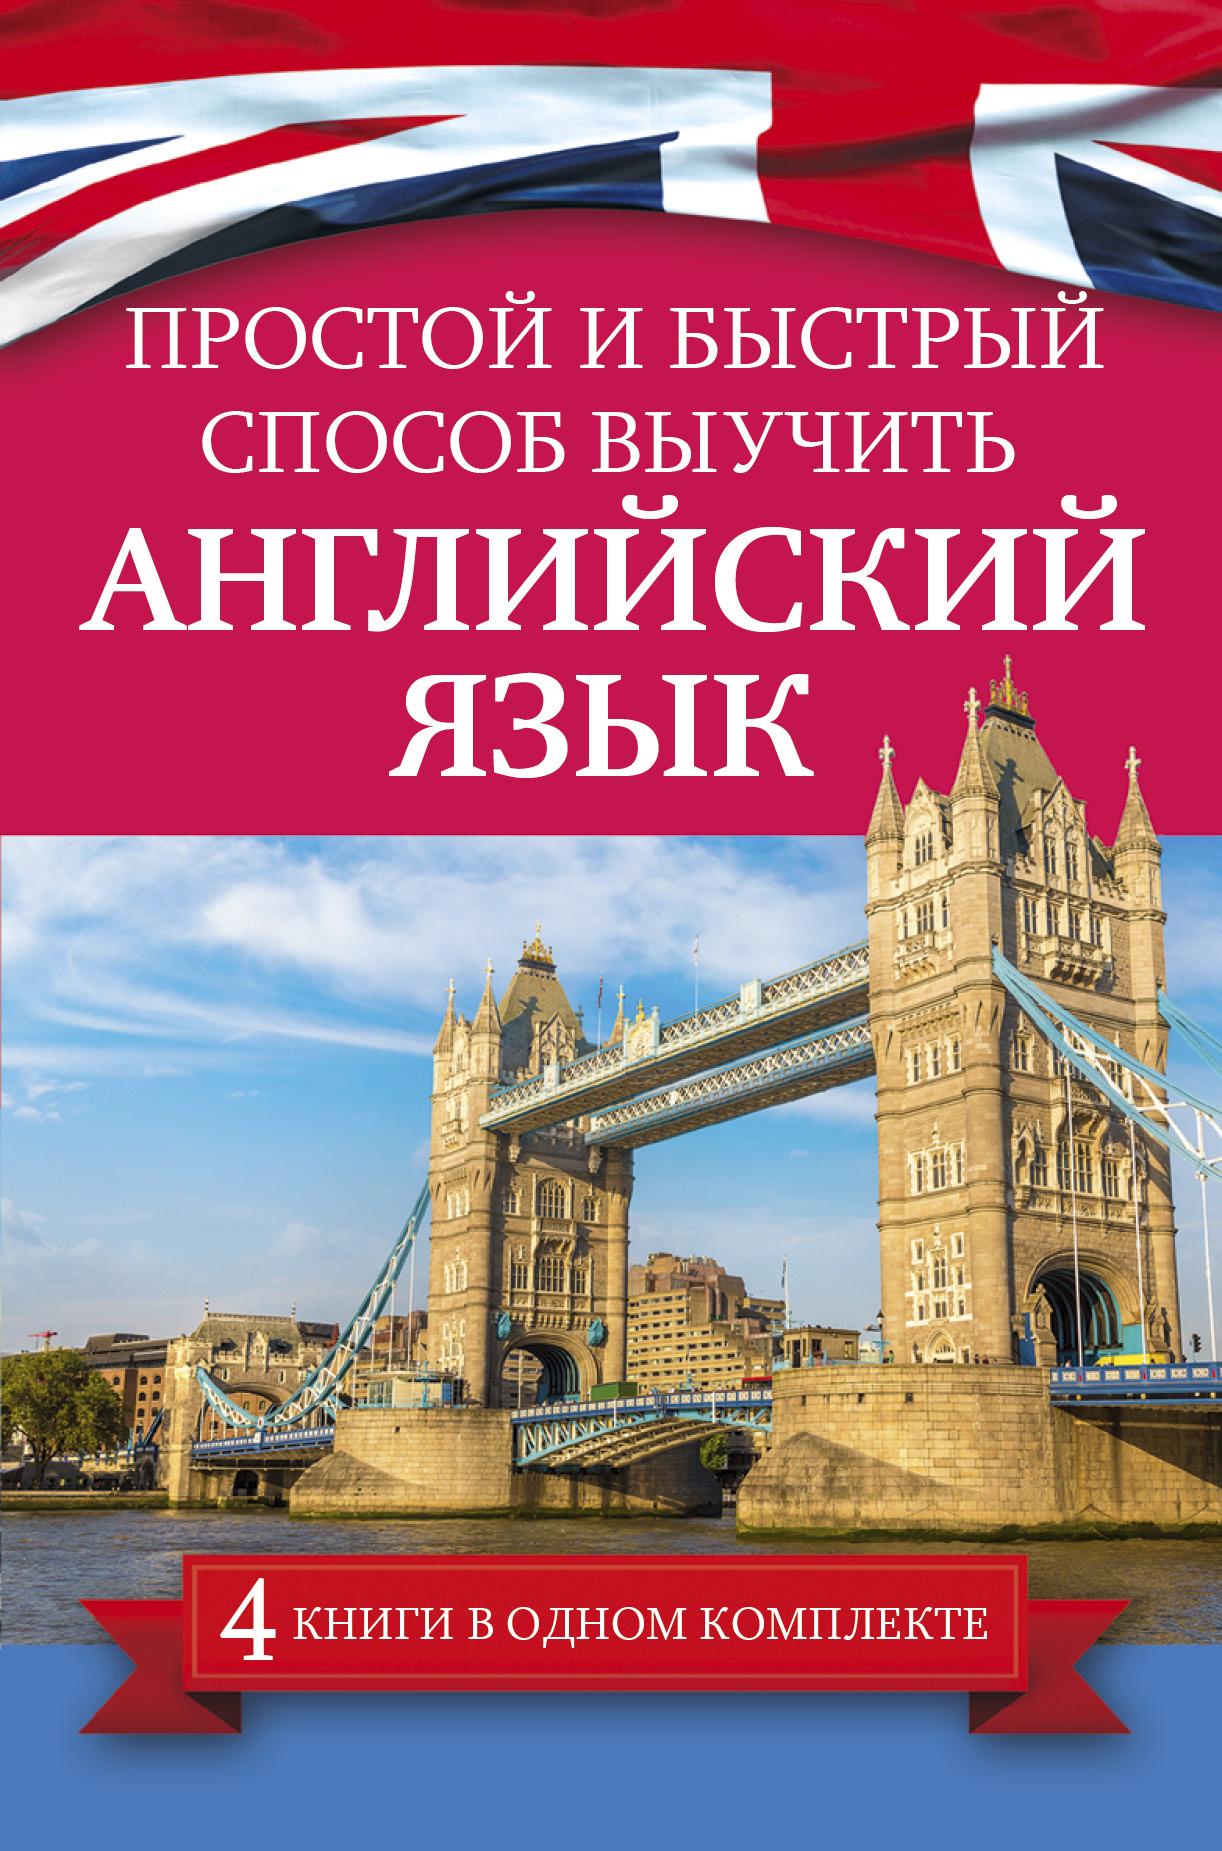 . Простой и быстрый способ выучить английский язык покровская м трофименко т простой и быстрый способ выучить английский язык комплект из 3 книг